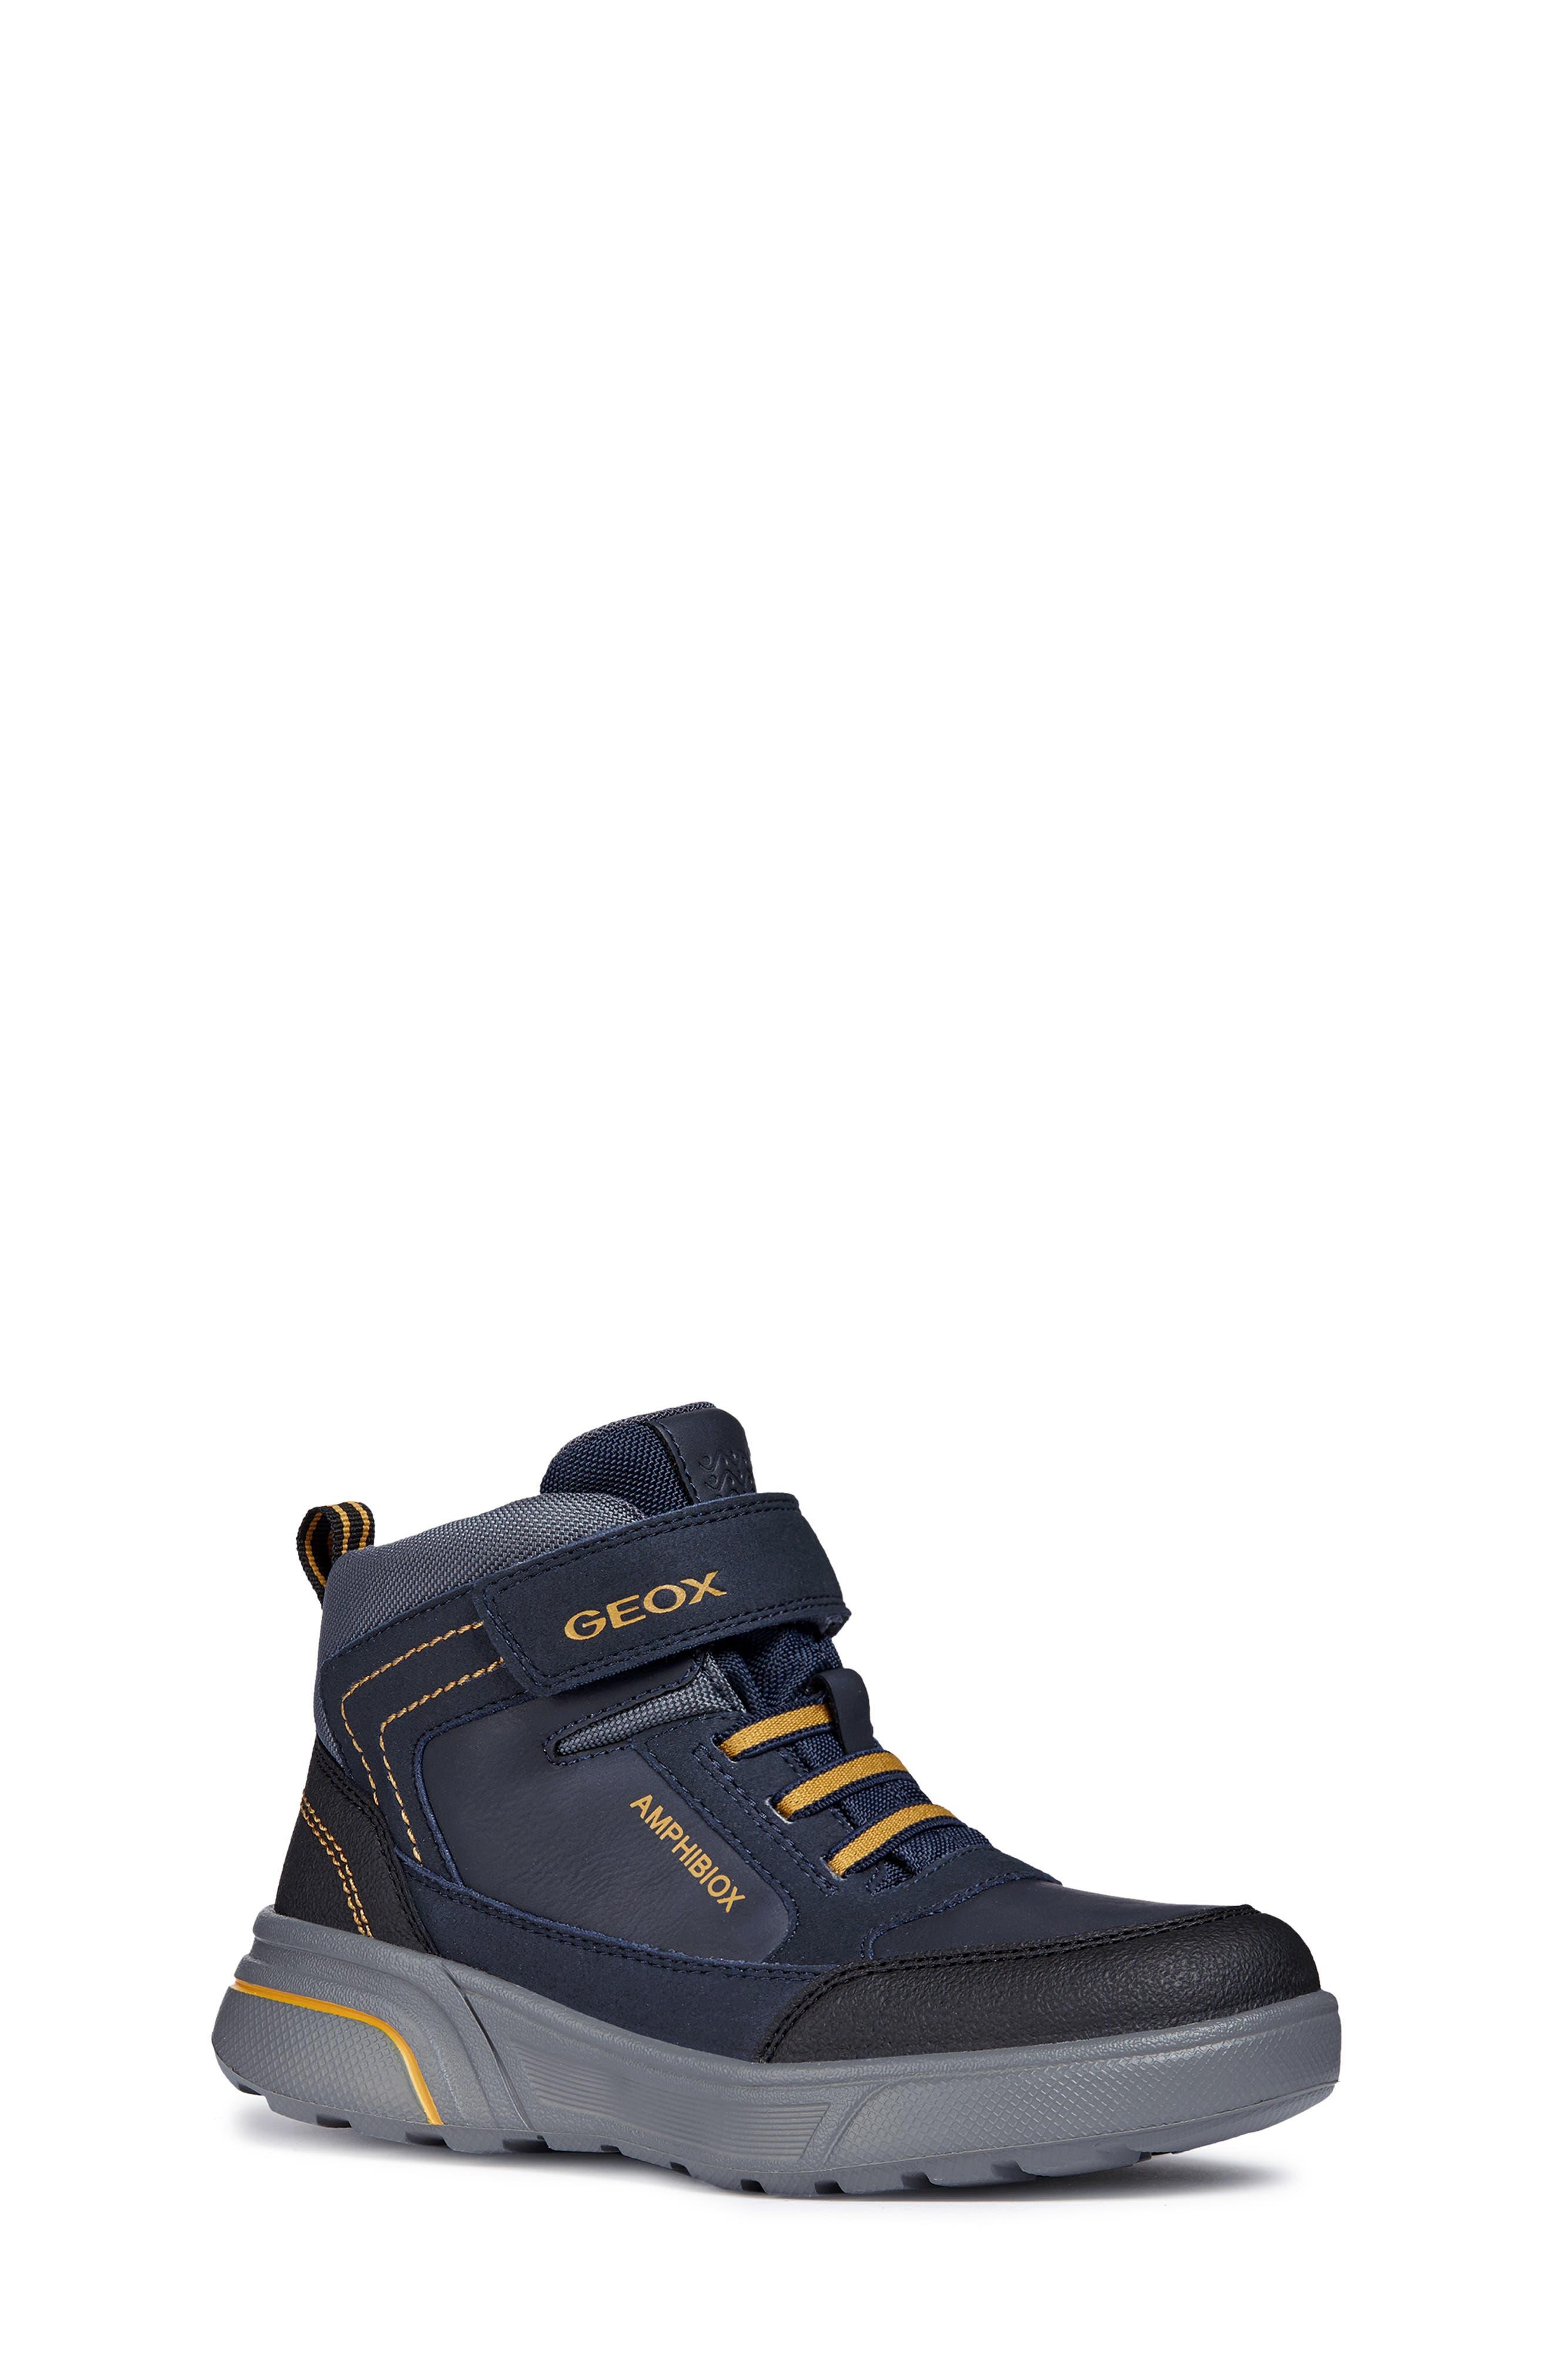 Sveggen ABX Waterproof Sneaker,                         Main,                         color, NAVY/YELLOW